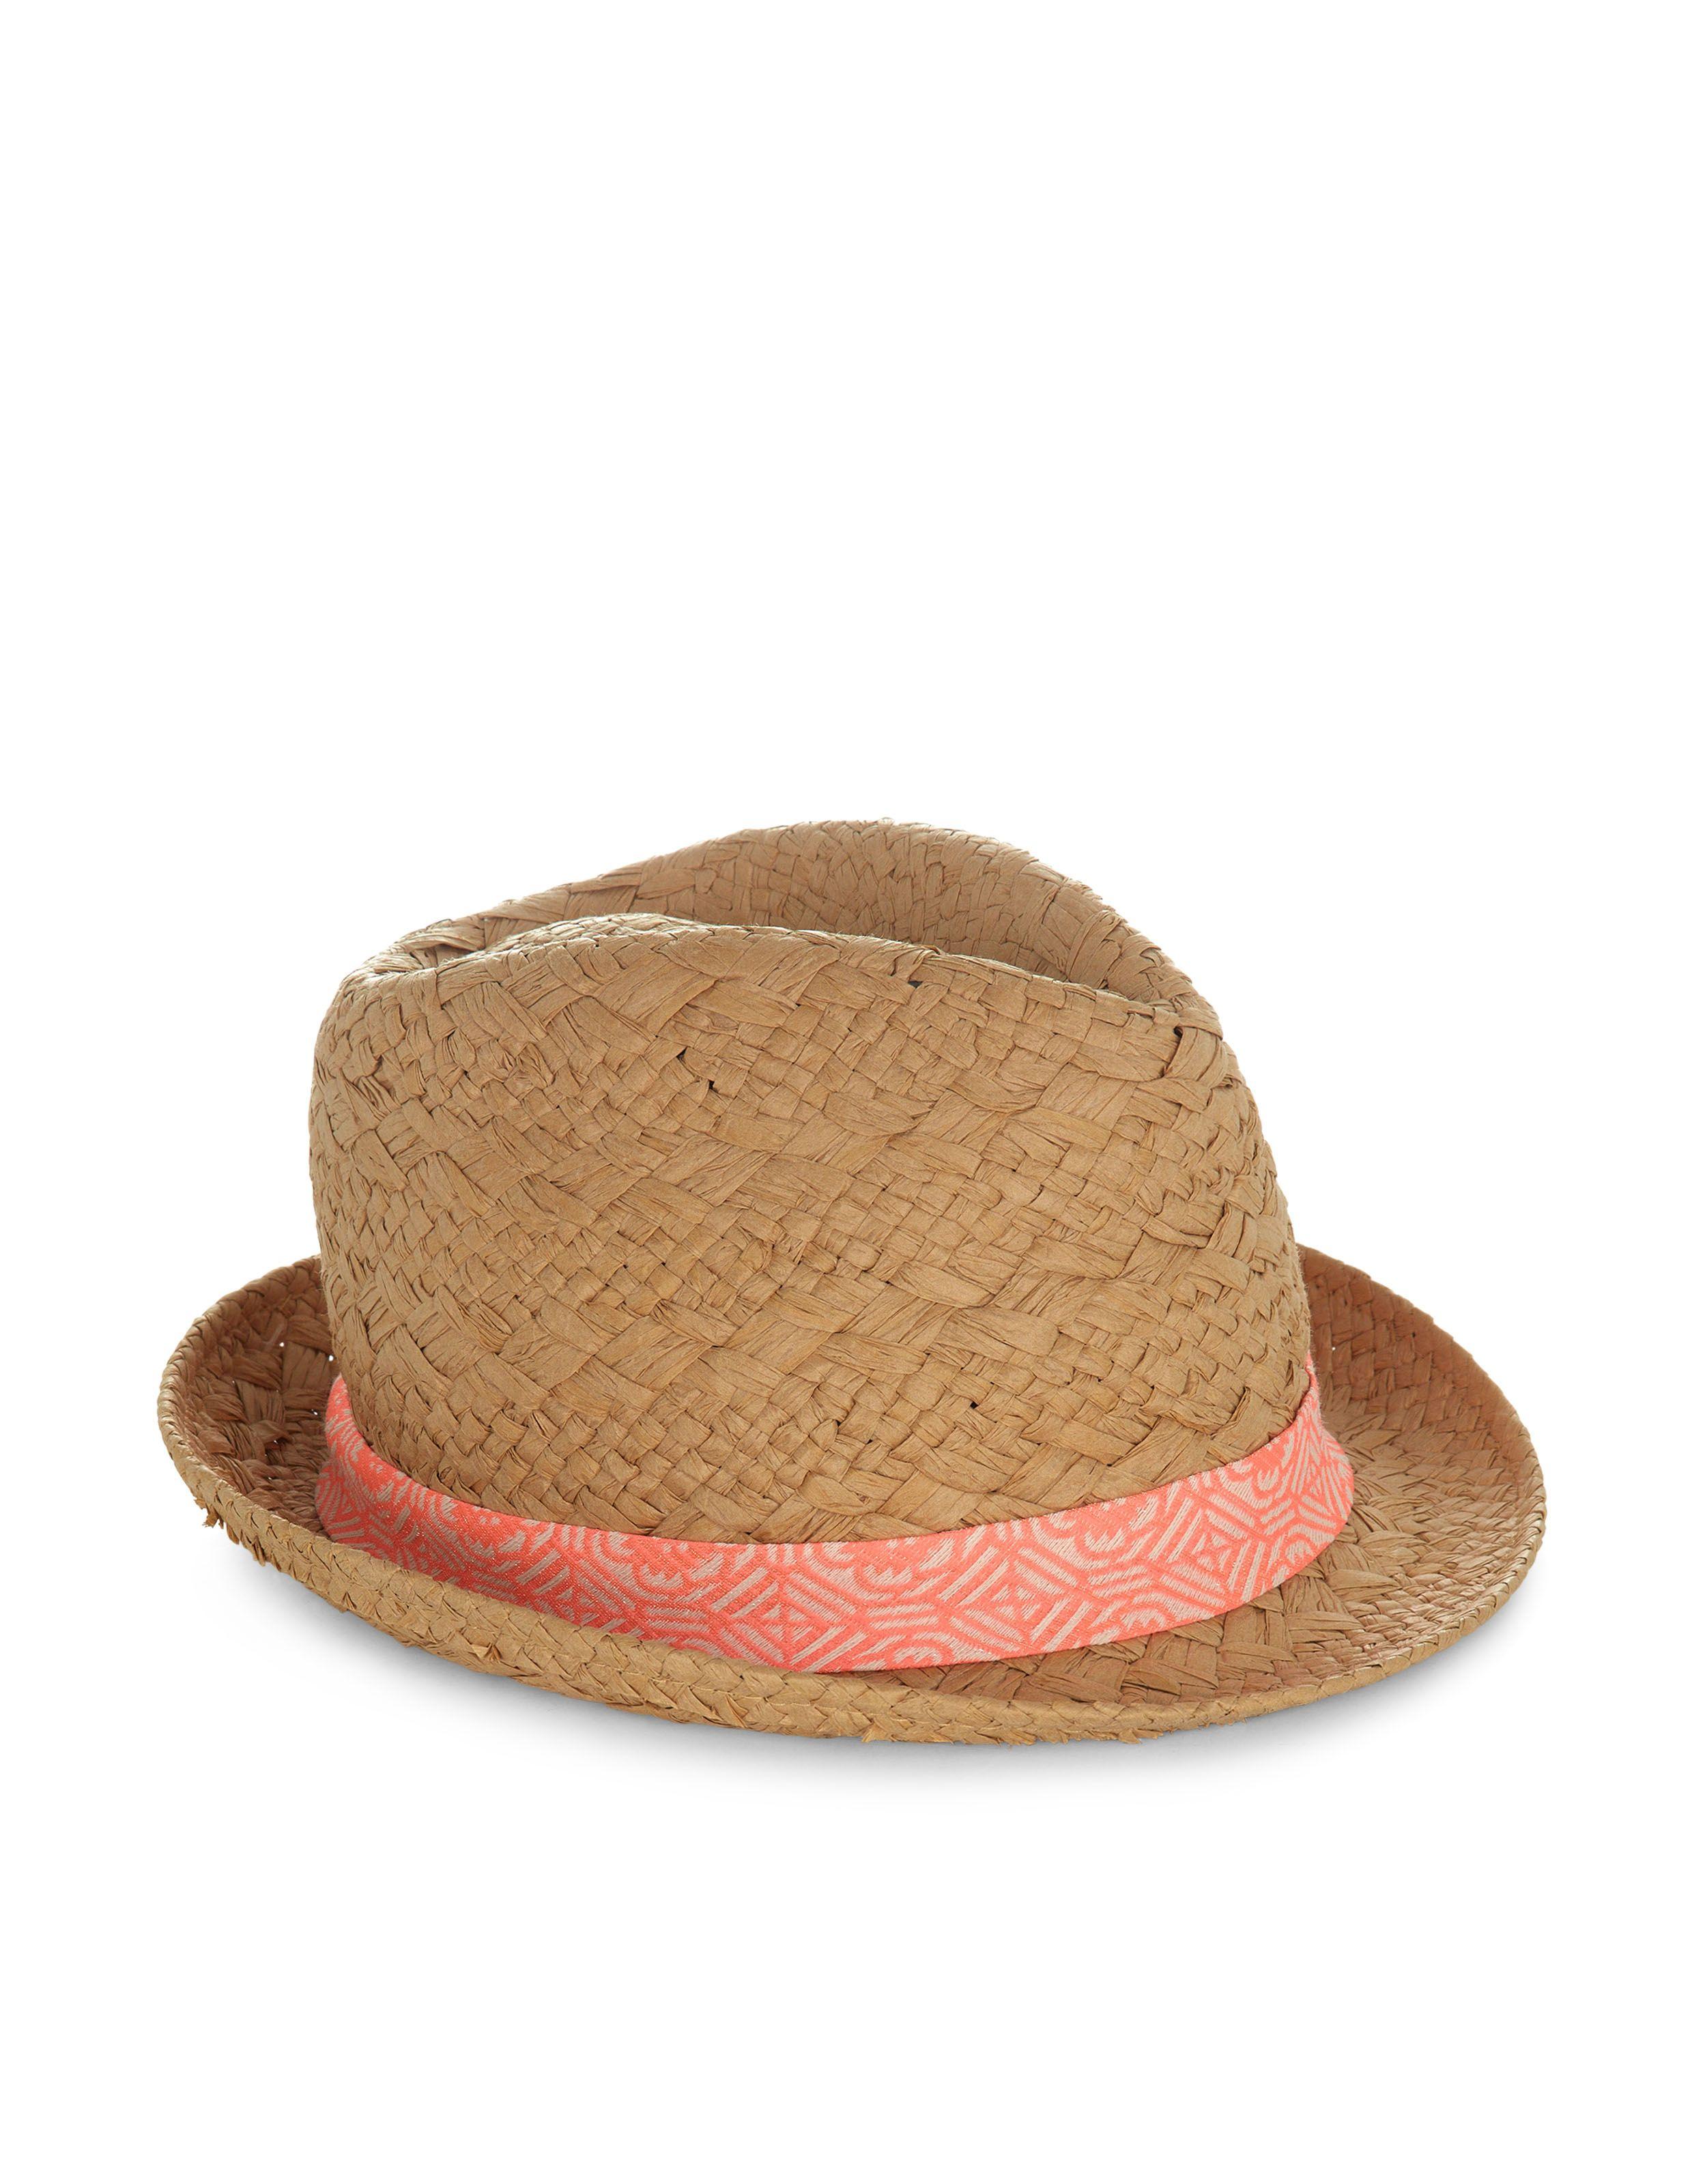 75c568399c Neon Braid Trilby Hat